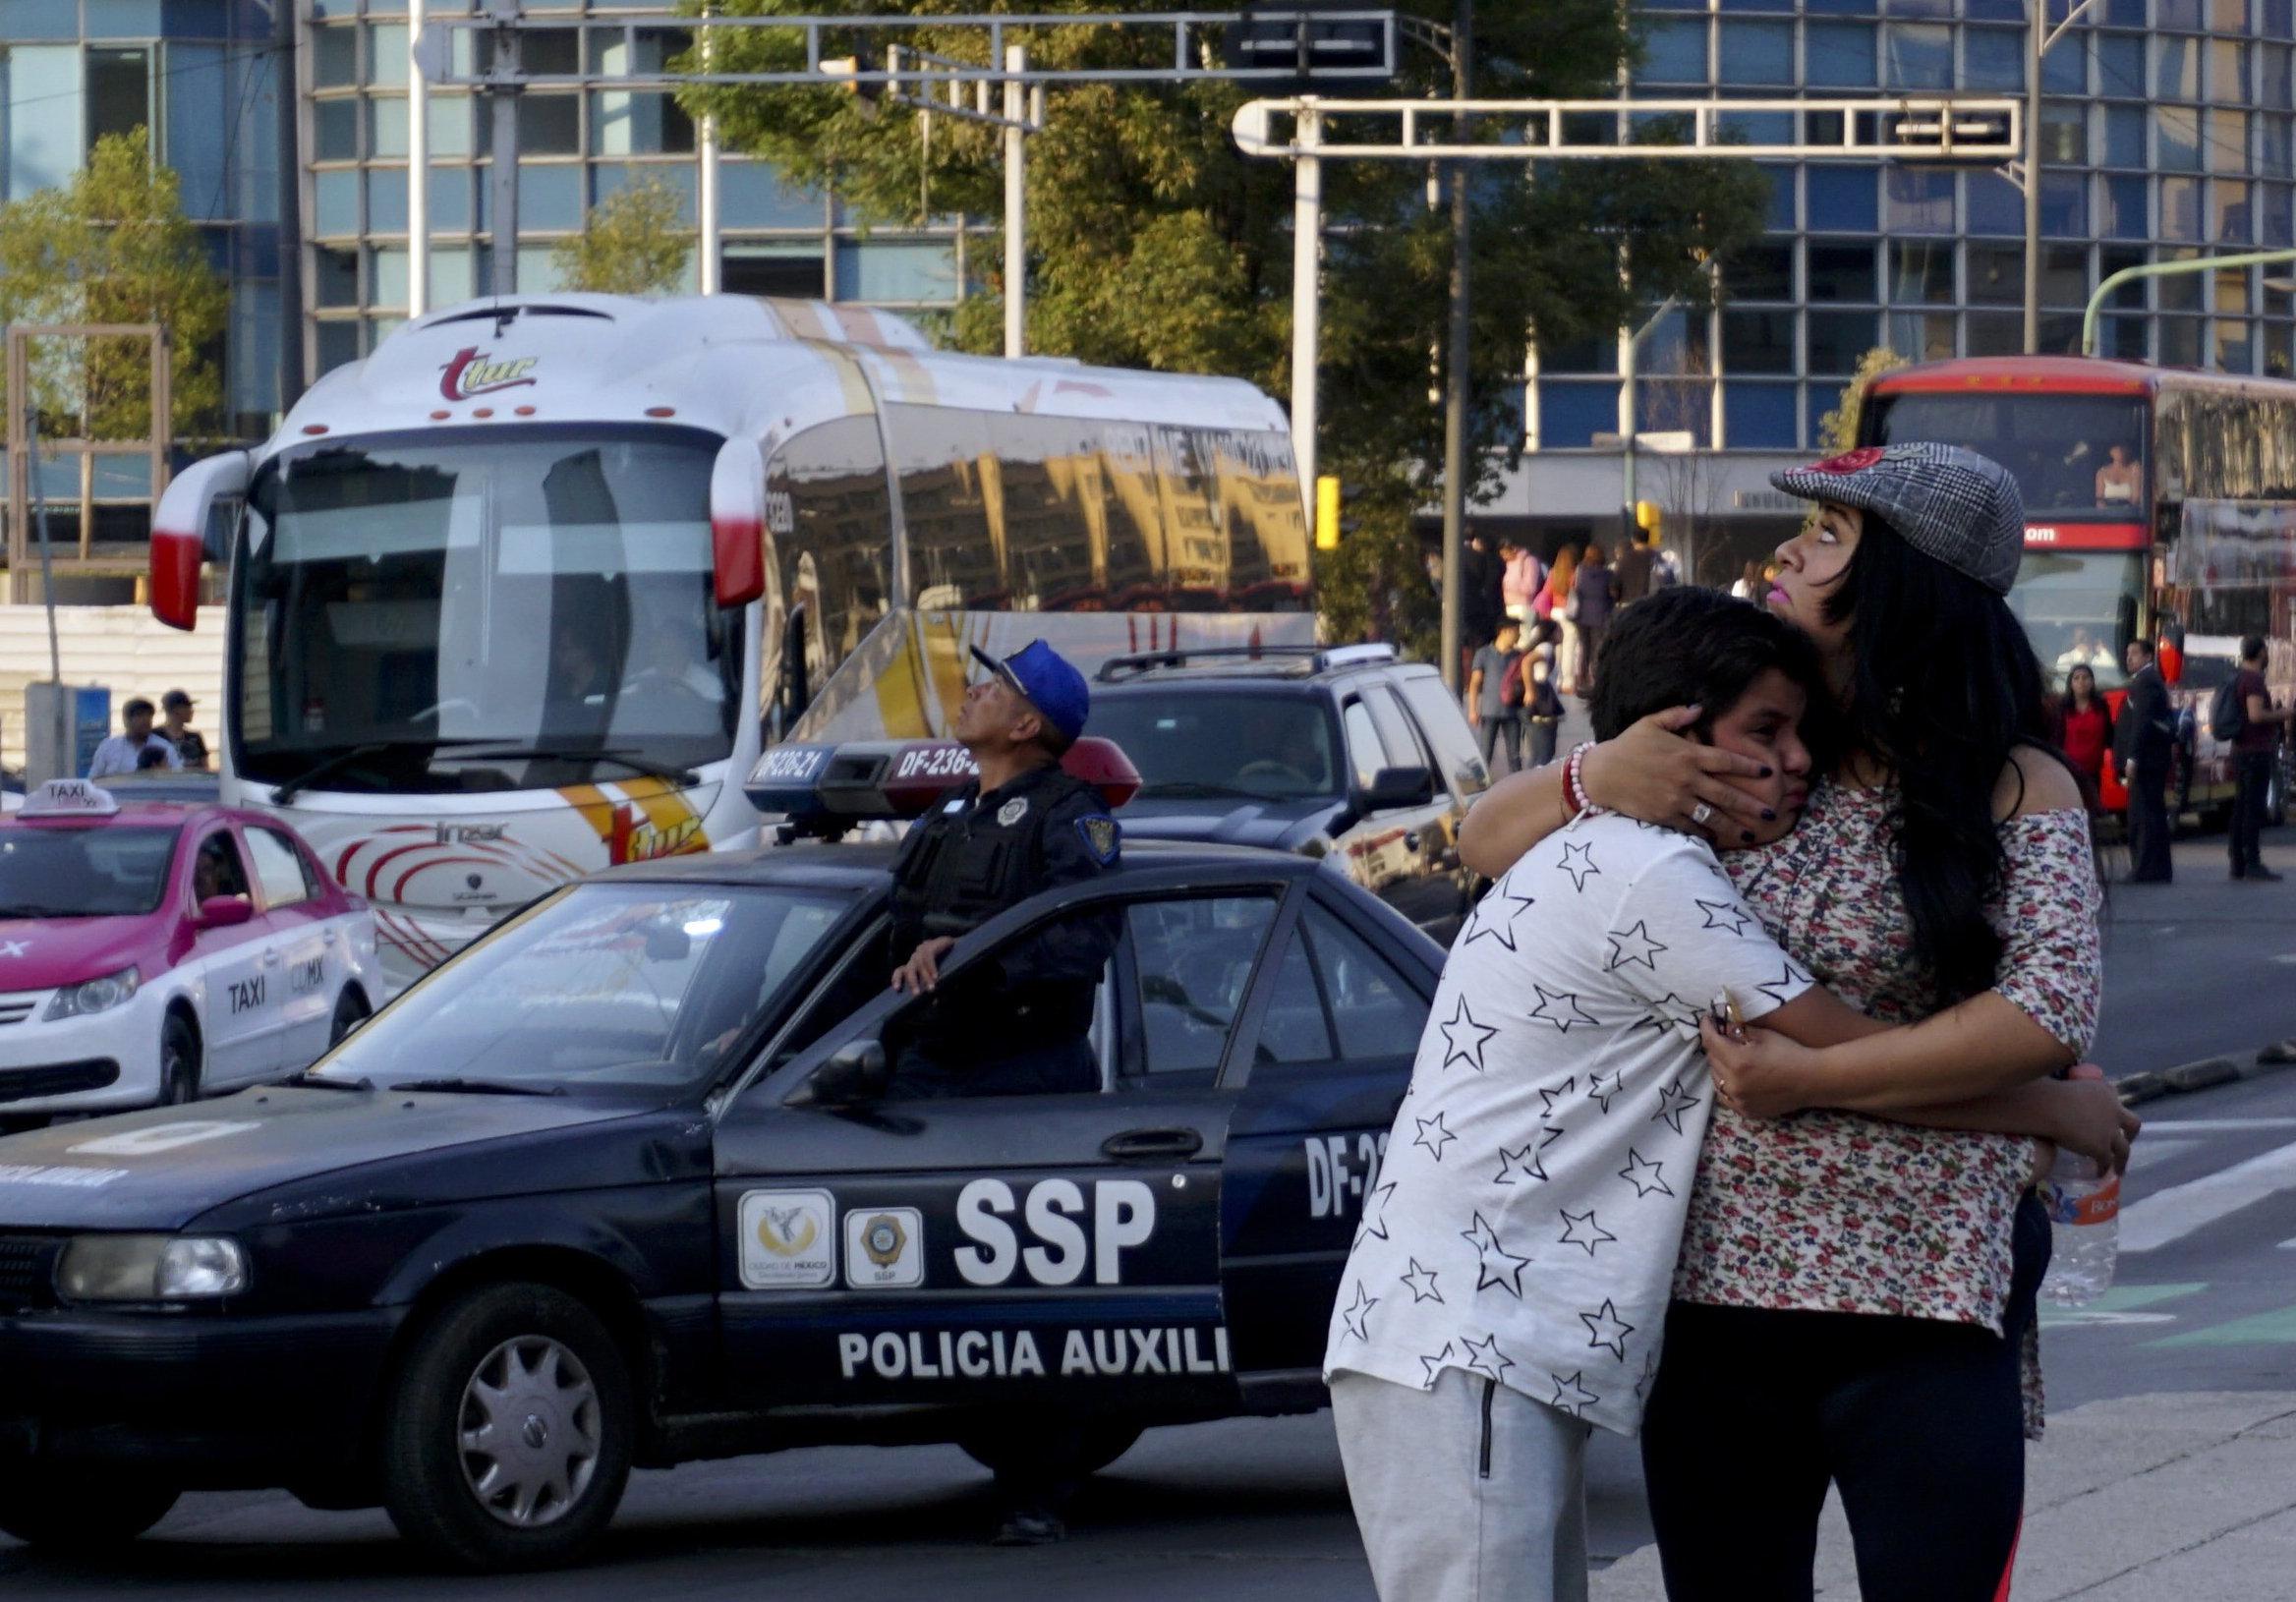 Μεξικό: Σεισμός 7,5 βαθμών σημειώθηκε με επίκεντρο την Πολιτεία